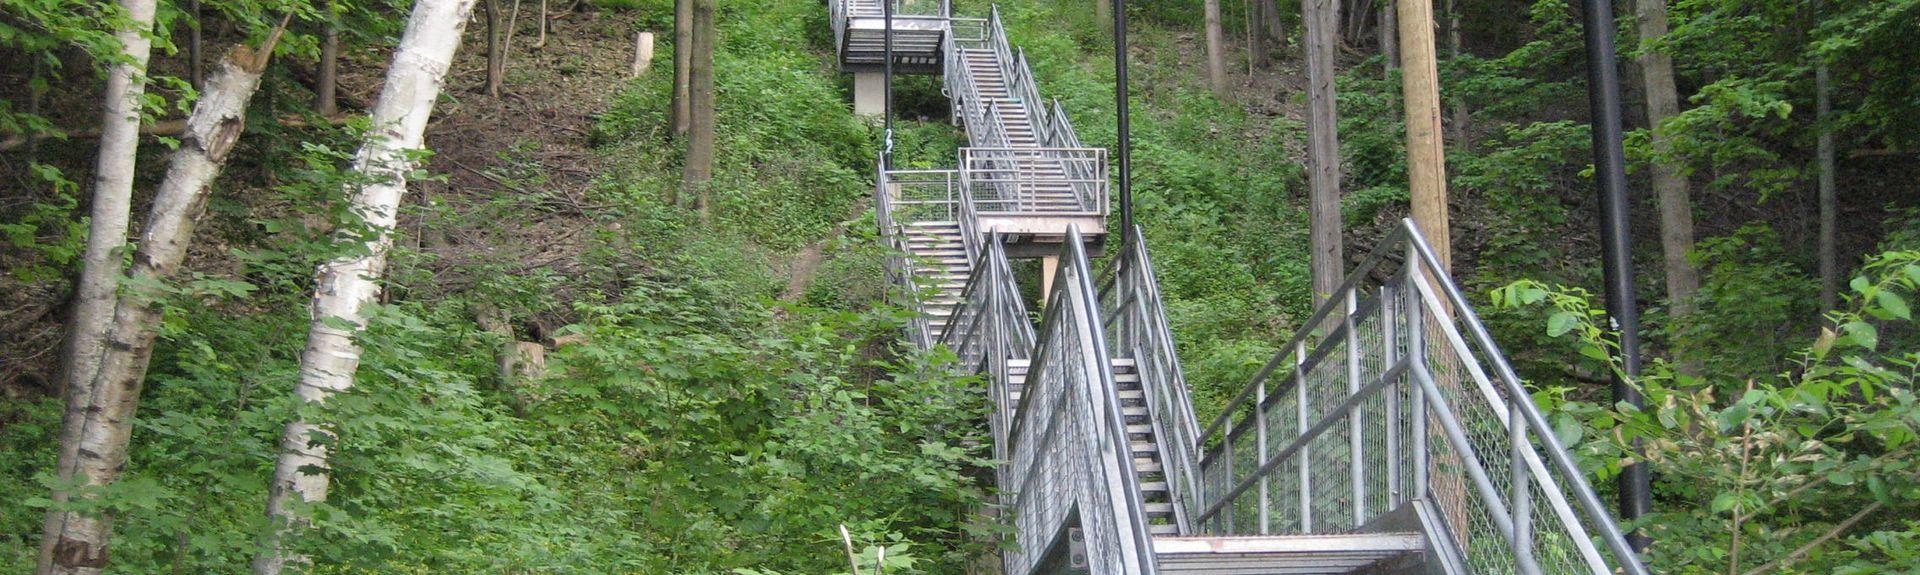 Λέσχη Γκολφ & Εξοχική Λέσχη Southern Pines, Χάμιλτον, Οντάριο, Καναδάς